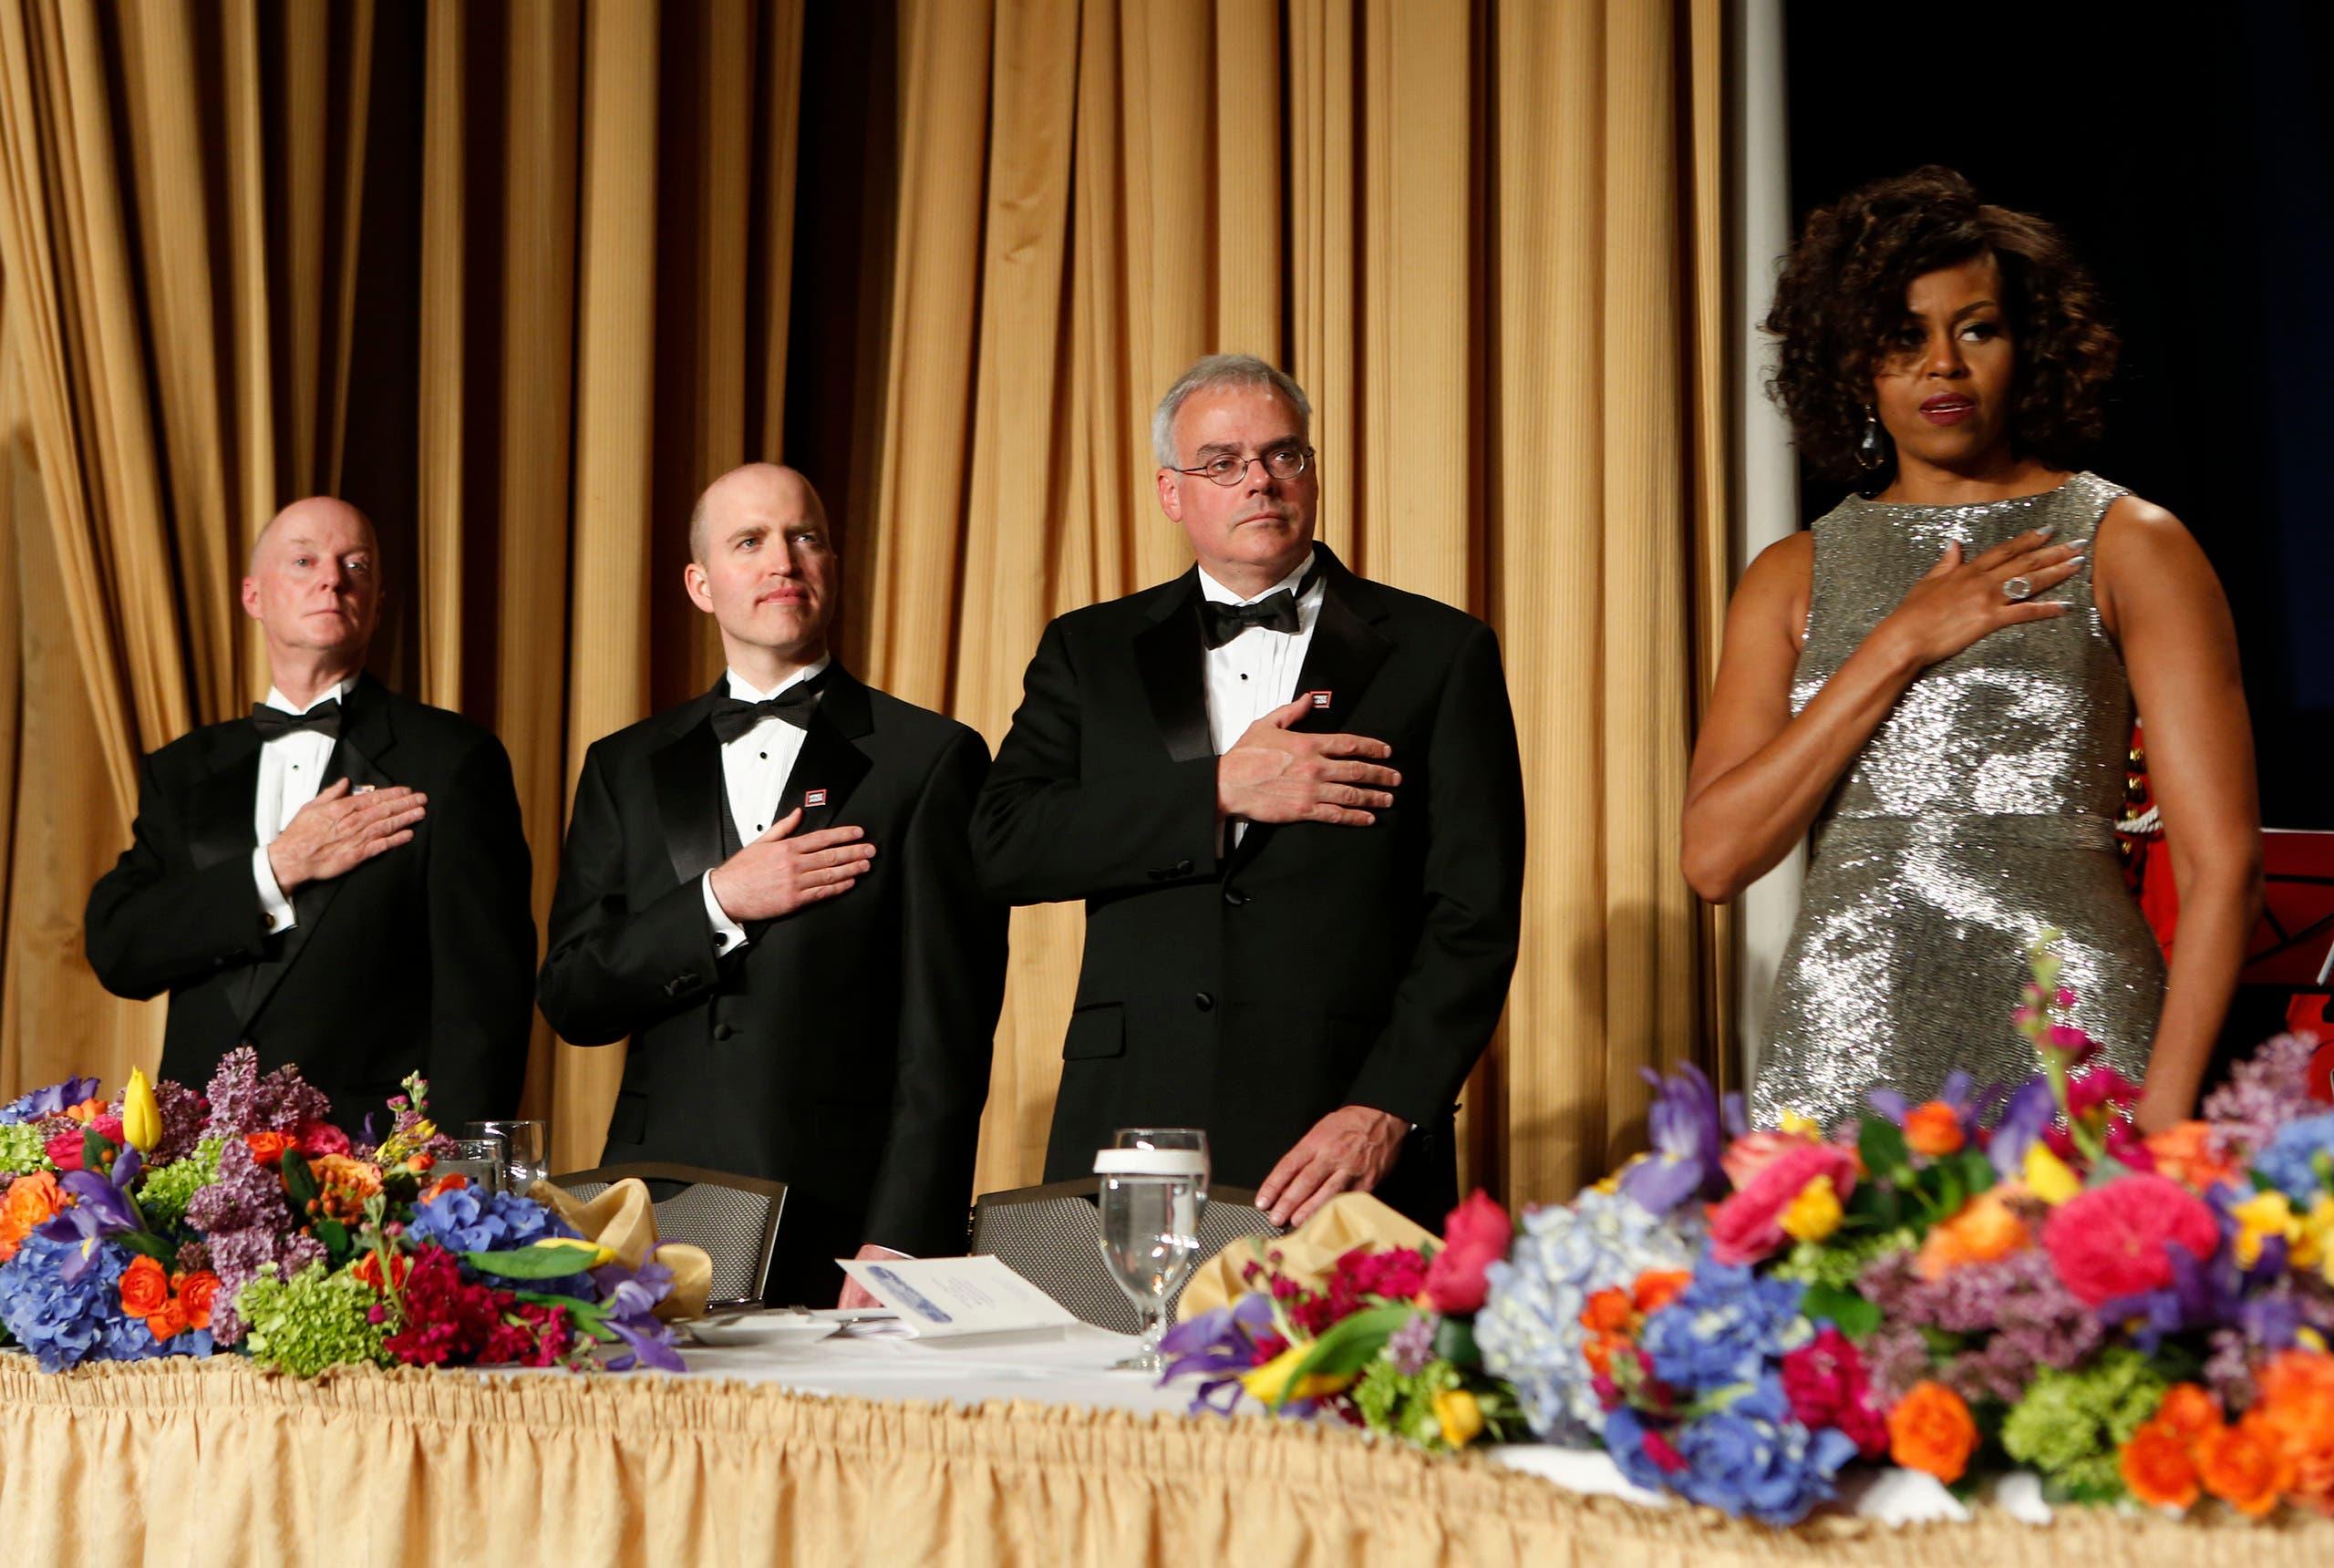 من العشاء السنوي لمراسلي البيت الأبيض عام 2015 الذي حضره الرئيس حينها باراك أوباما